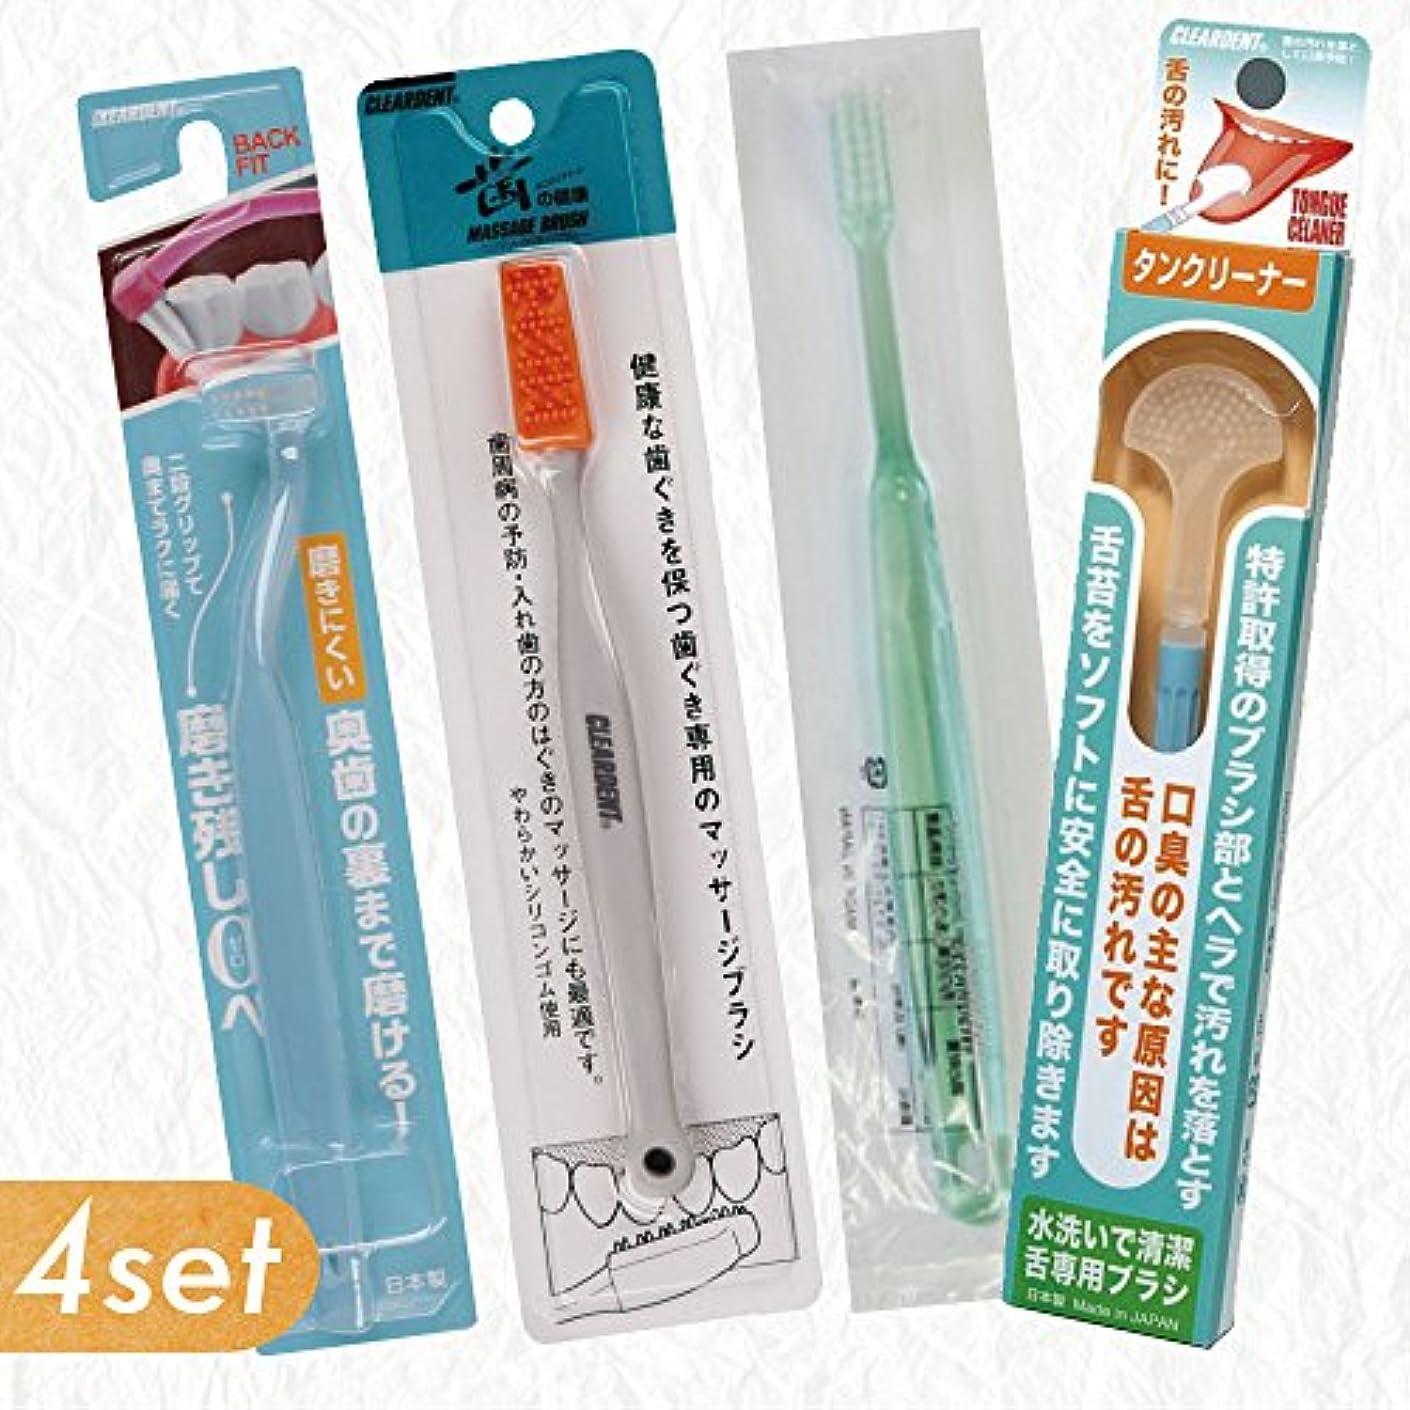 センチメンタル母タール【CLEARDENT】(4点セット)はぐきマッサージブラシ+タンクリーナー+バックフィット+歯ブラシ各1本(色は指定できません。)